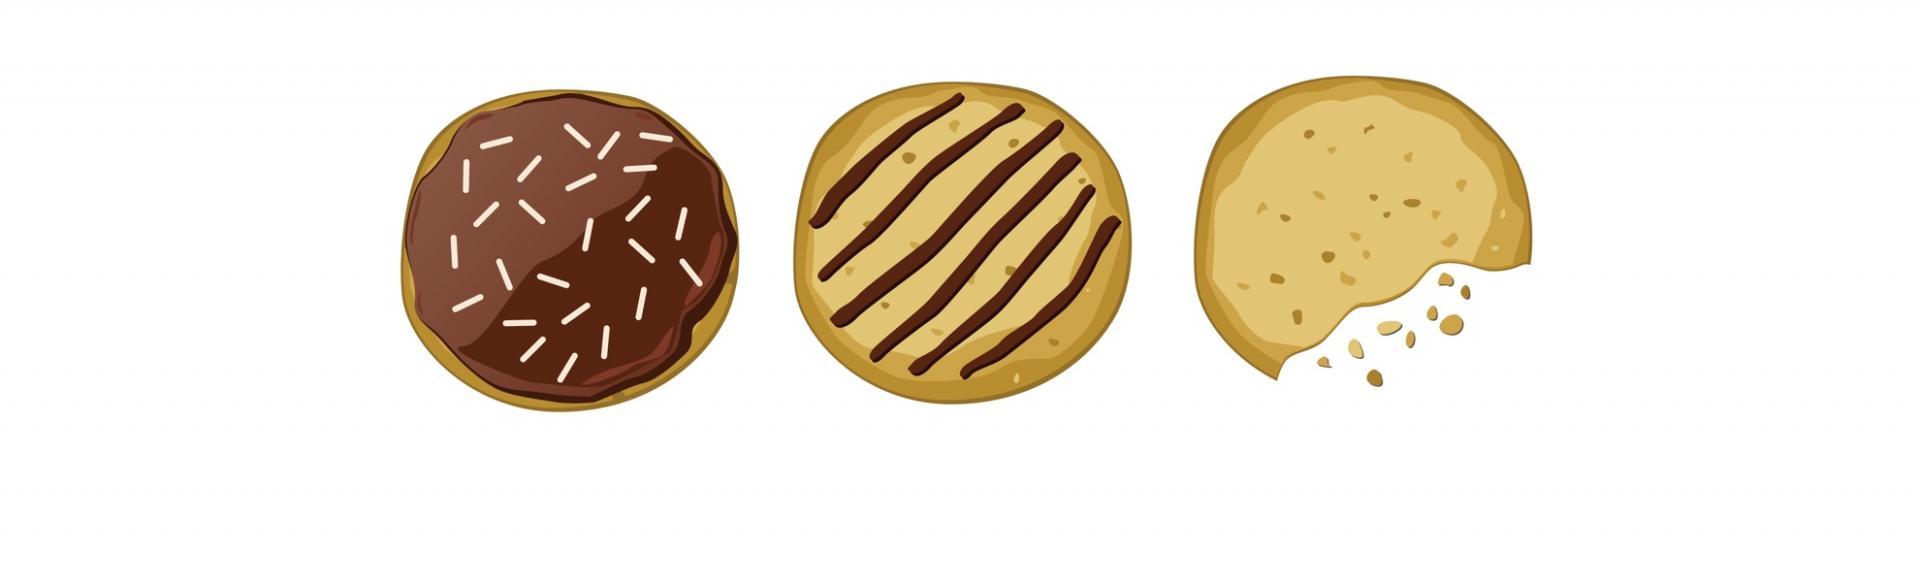 Cosa sono i cookies e come vengono usati: una guida